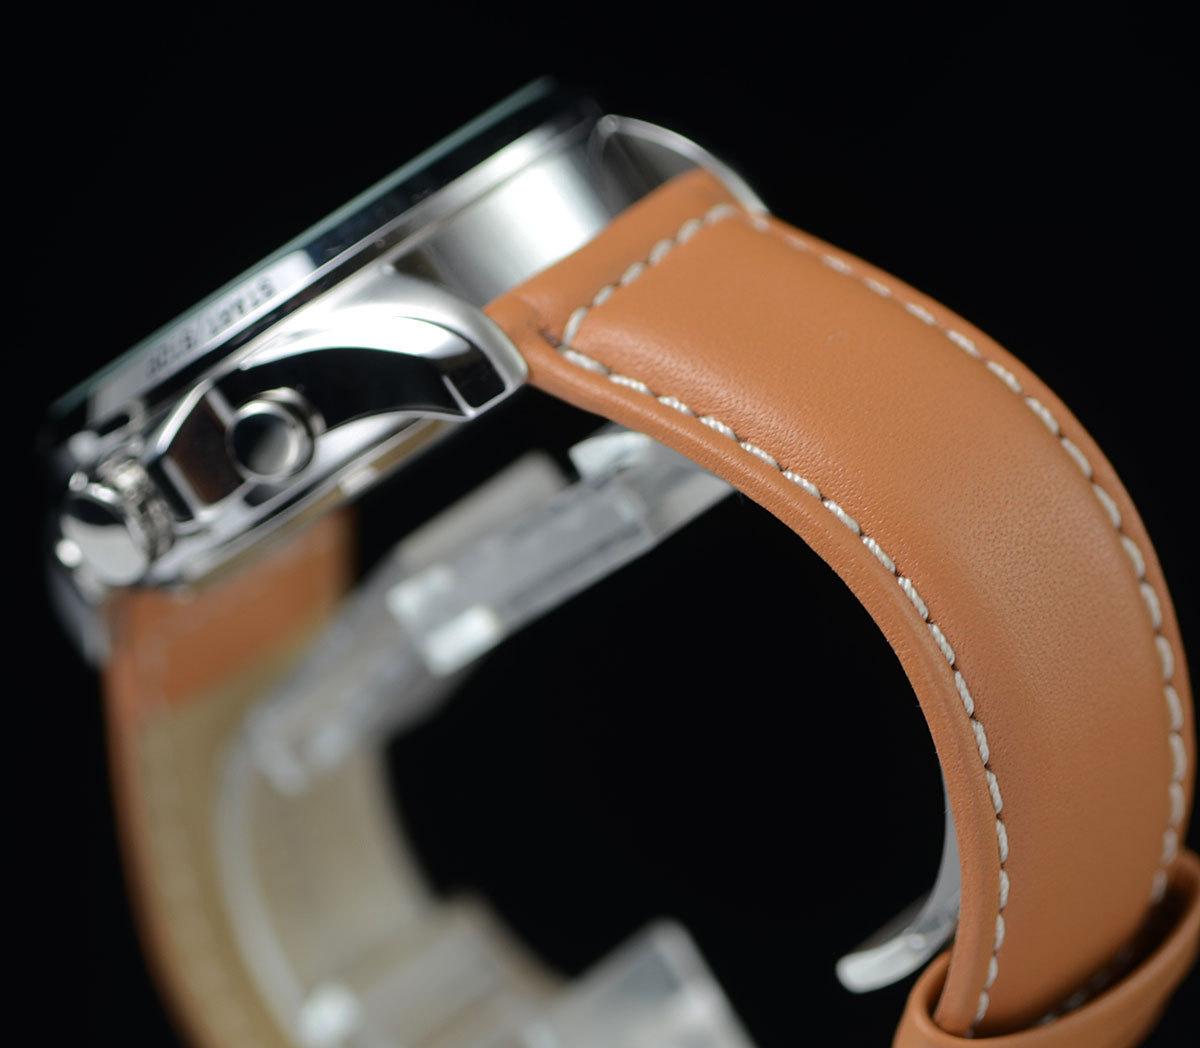 1円×3本 セイコーALBA逆輸入 デジアナ 100m防水 クロノグラフ ワールドタイム アラーム 新品メンズ激レア入手困難 日本未発売 SEIKO腕時計_画像5